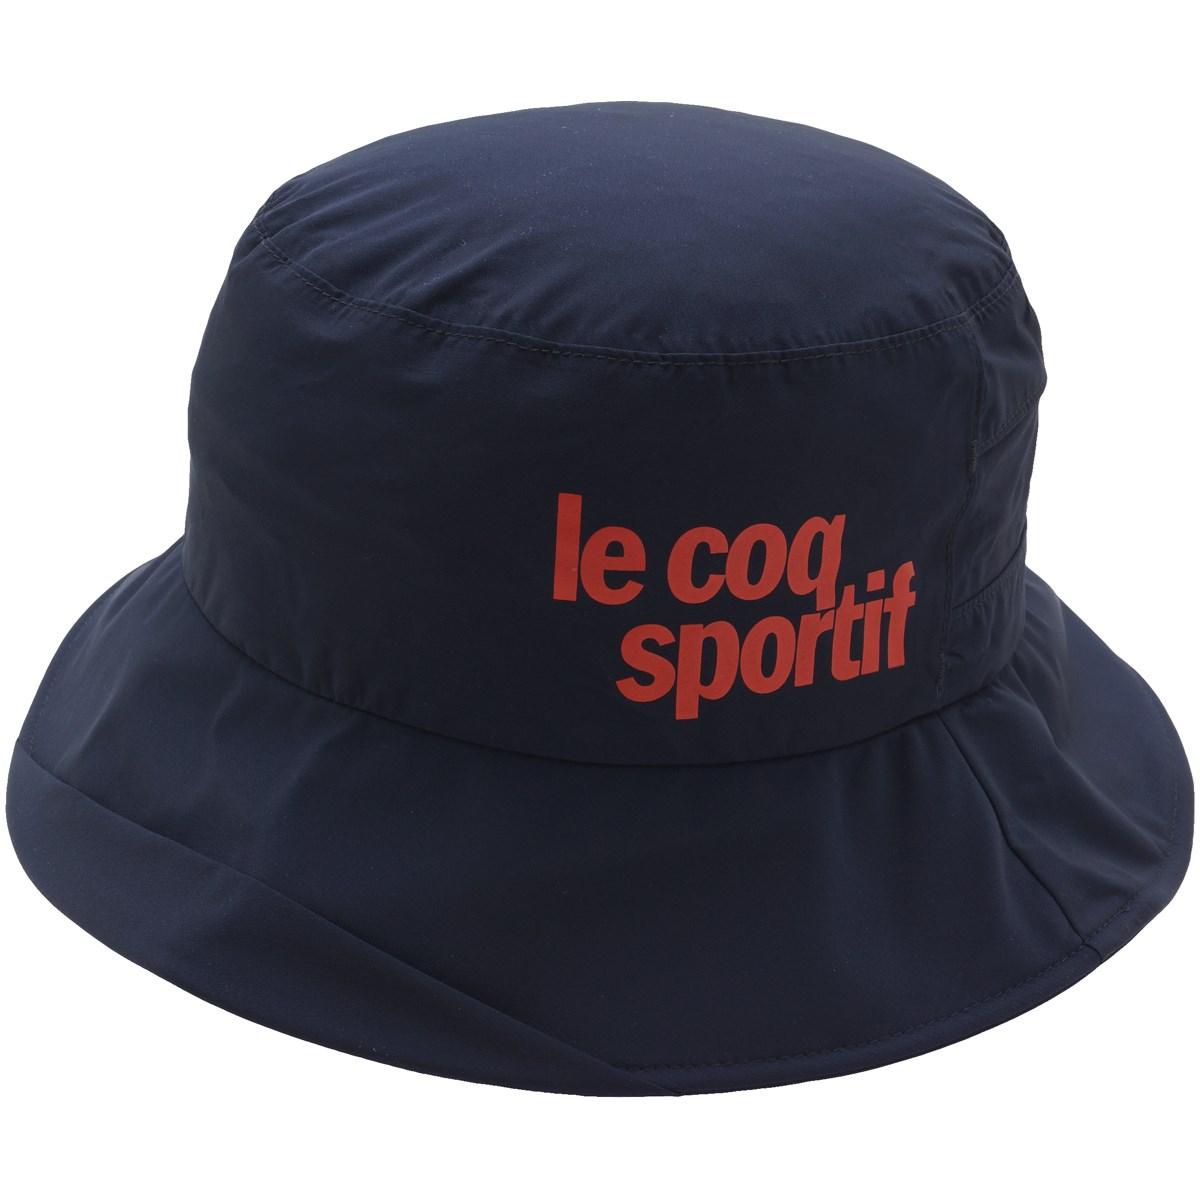 [2019年モデル] ルコックゴルフ Le coq sportif GOLF レインハット ネイビー 00 メンズ ゴルフウェア